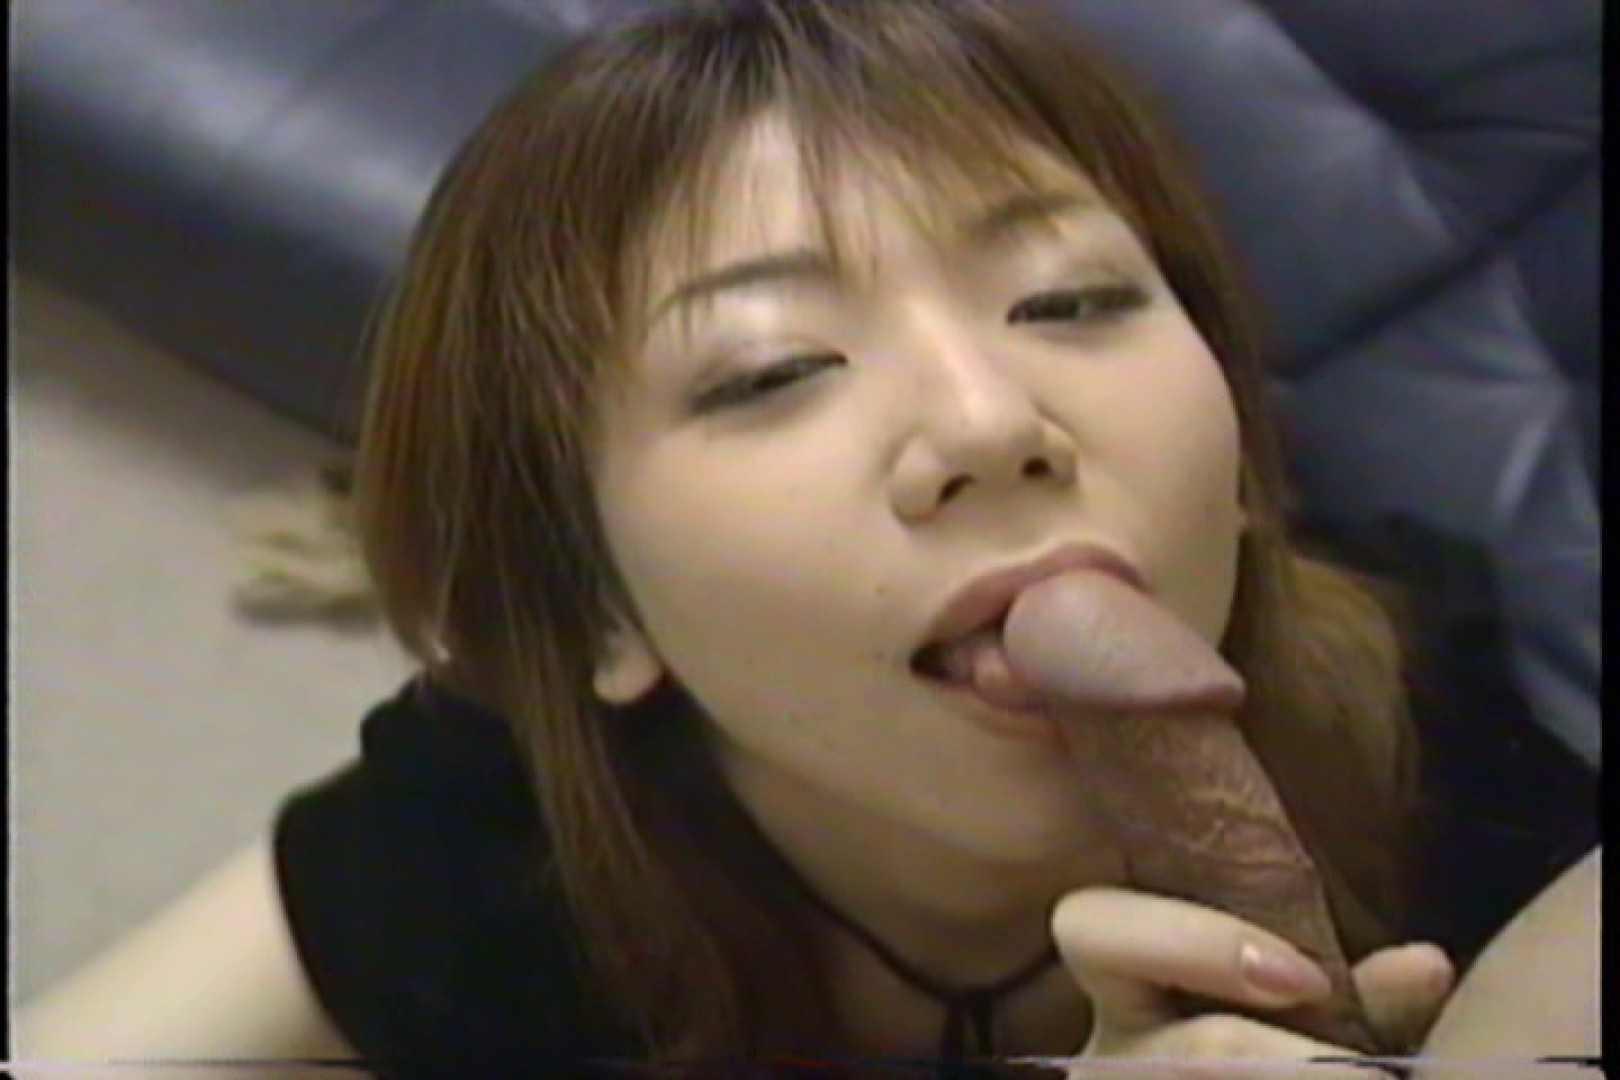 かわいい人妻、巨乳が疼いて止まらない~飯島れいか~ 巨乳に挟まれたい 濡れ場動画紹介 106pic 94